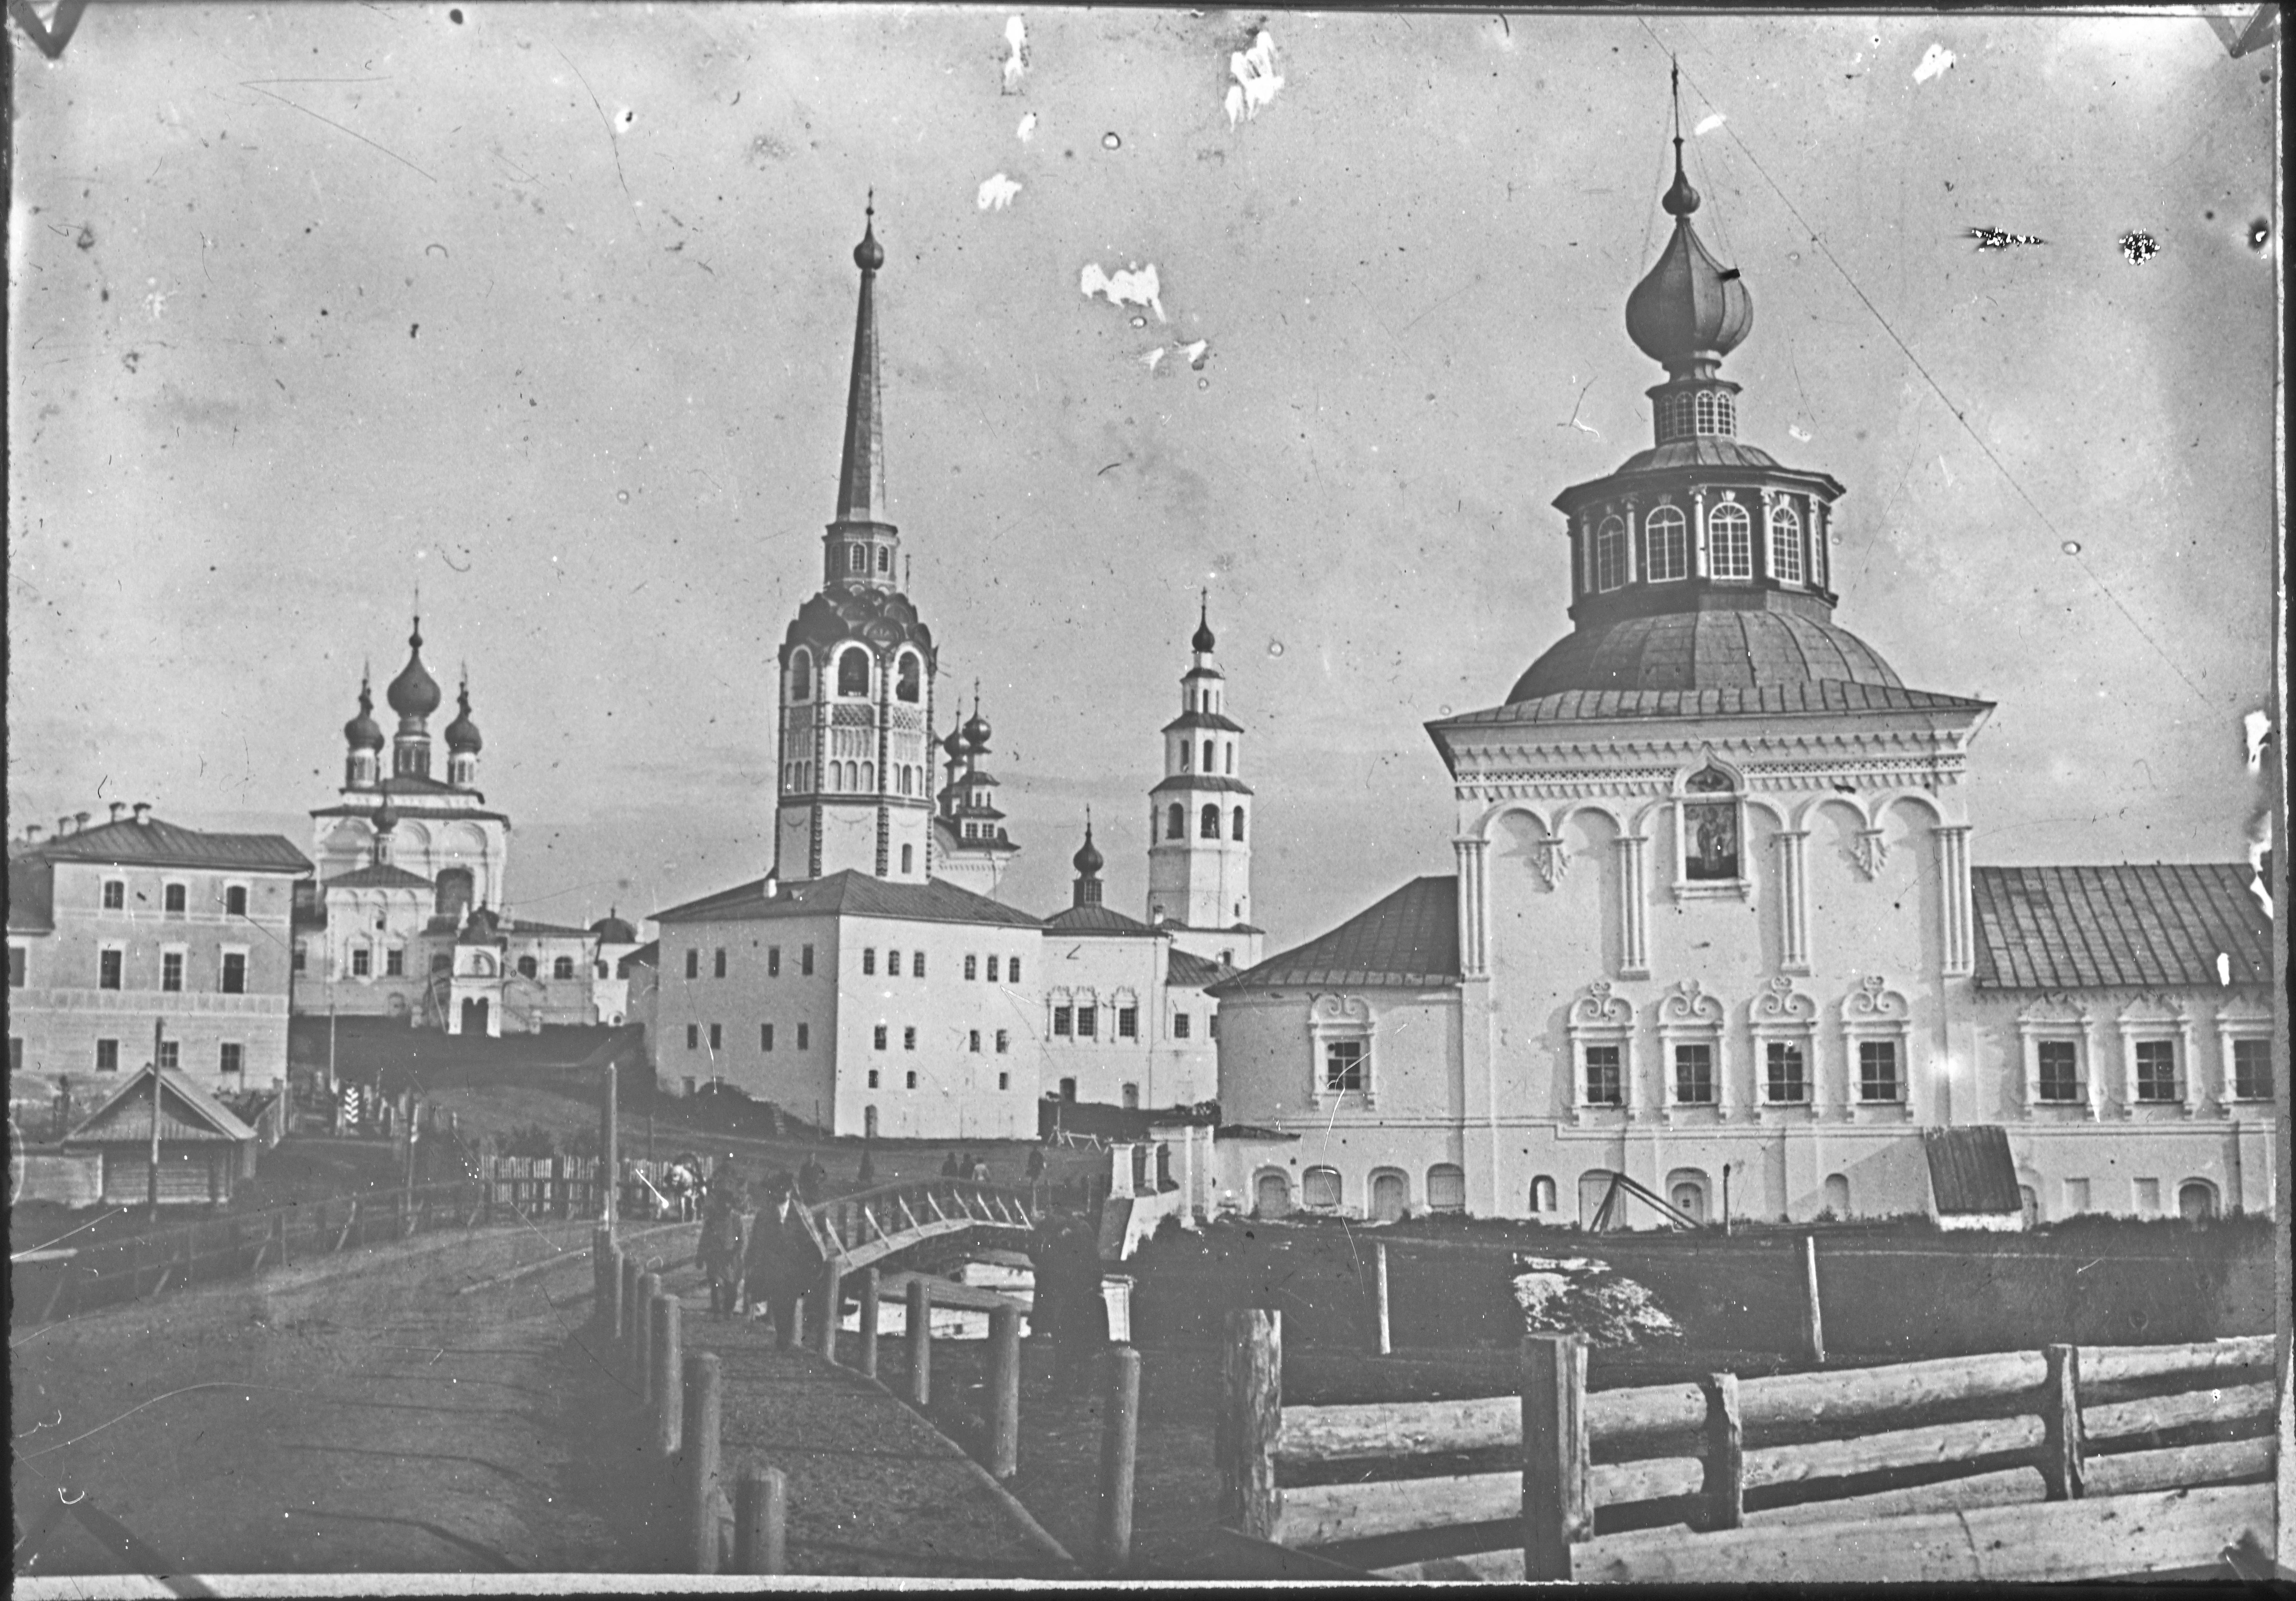 Соборный комплекс. Вид через реку Усолка. 1896